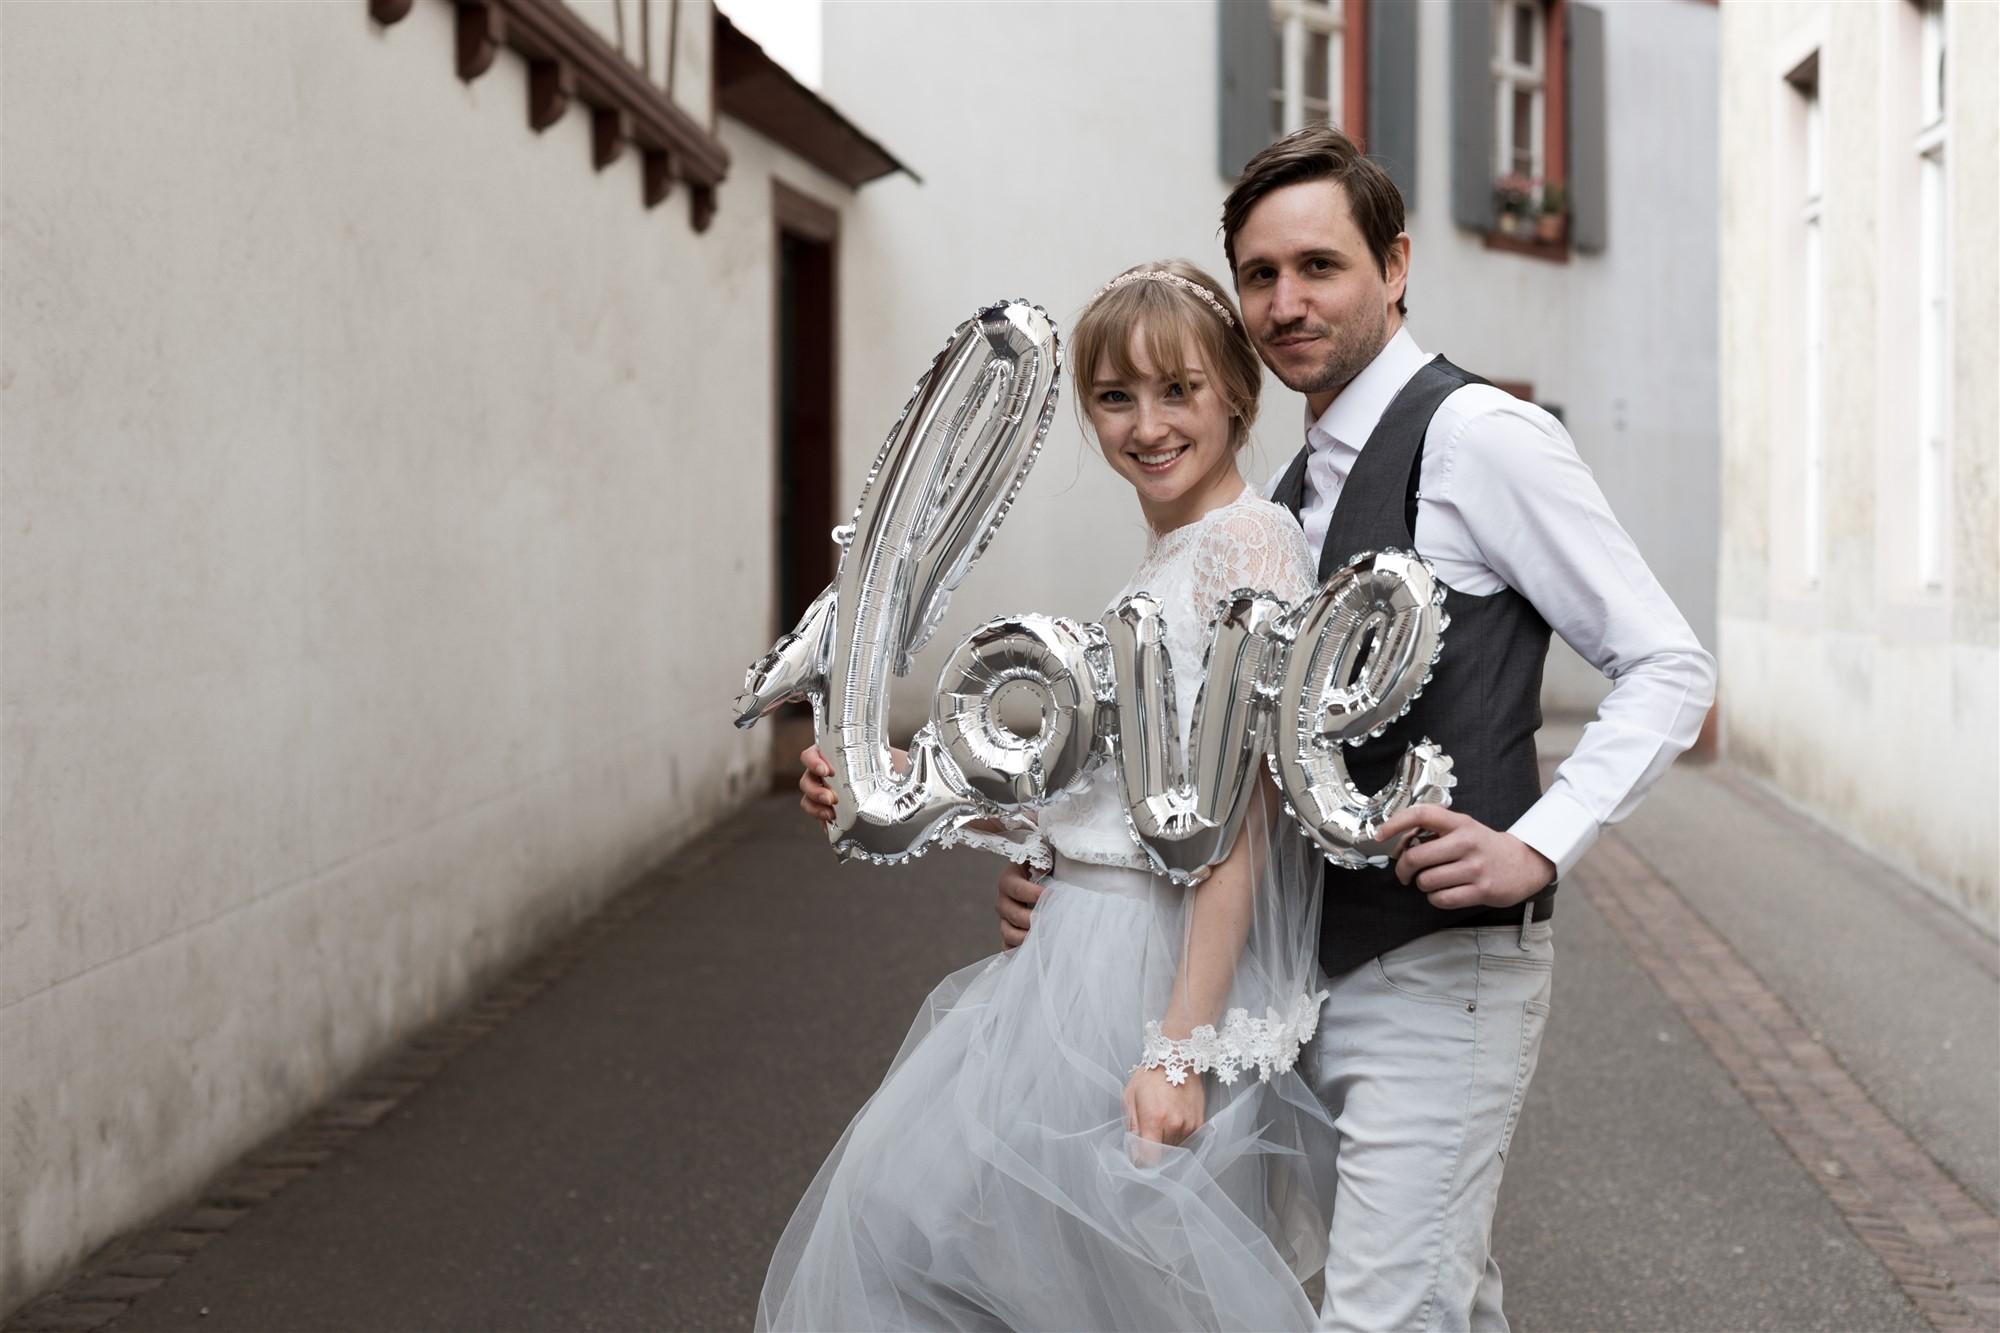 Paar Fotoshooting in den schönen Gassen von Basel mit einem Love Ballon